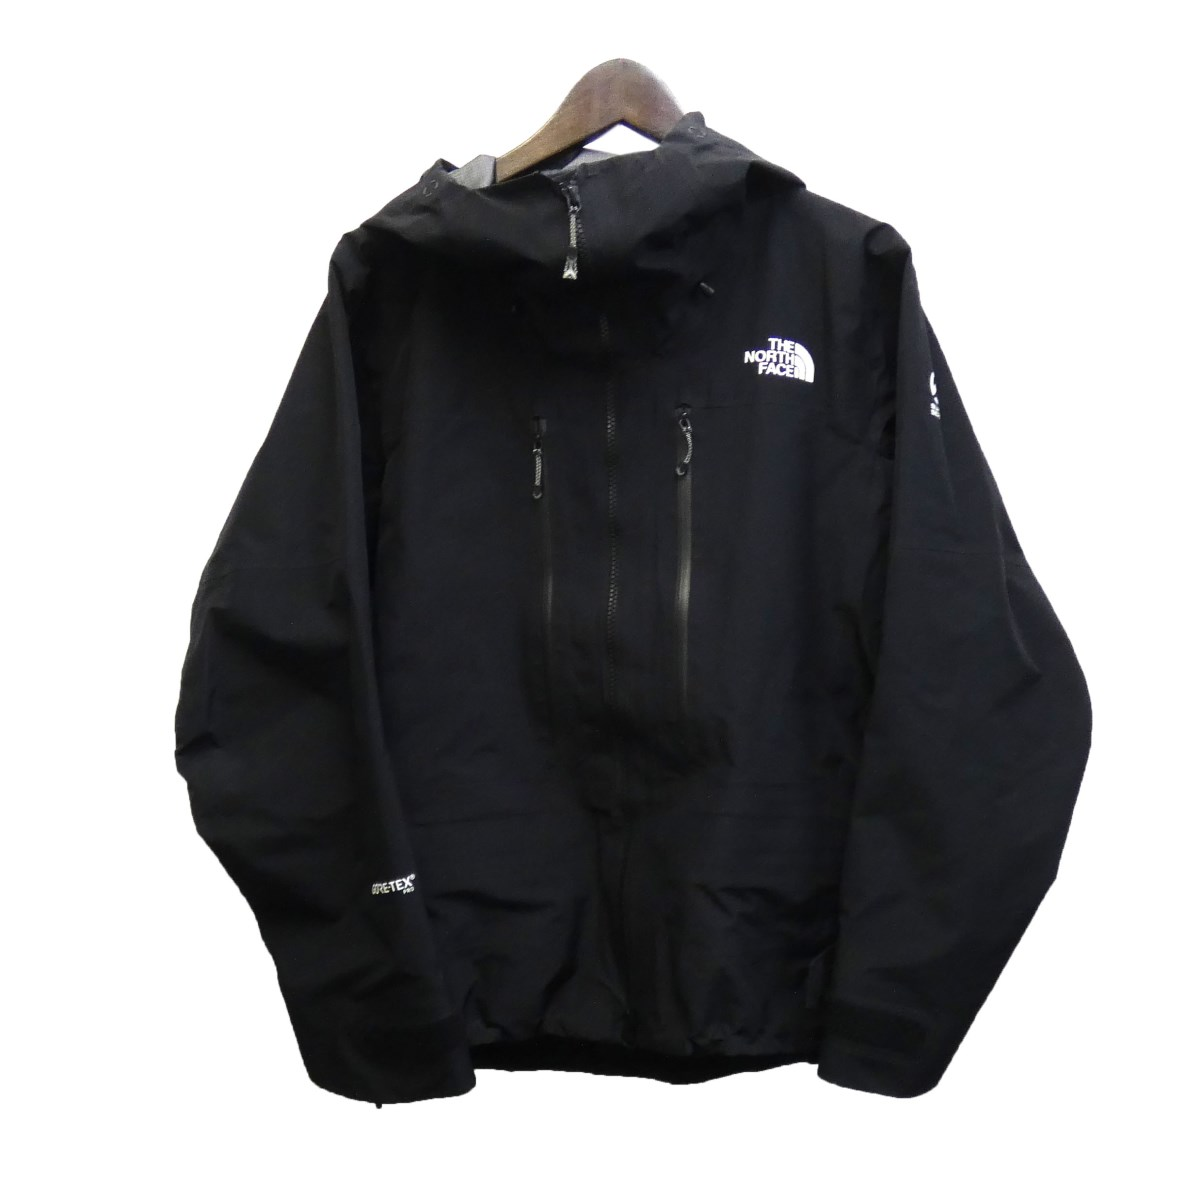 【中古】THE NORTH FACE SUMMIT SERIES 「GTX Pro Jacket」 NP61711 マウンテンパーカー ブラック サイズ:XS 【040320】(ザノースフェイス)